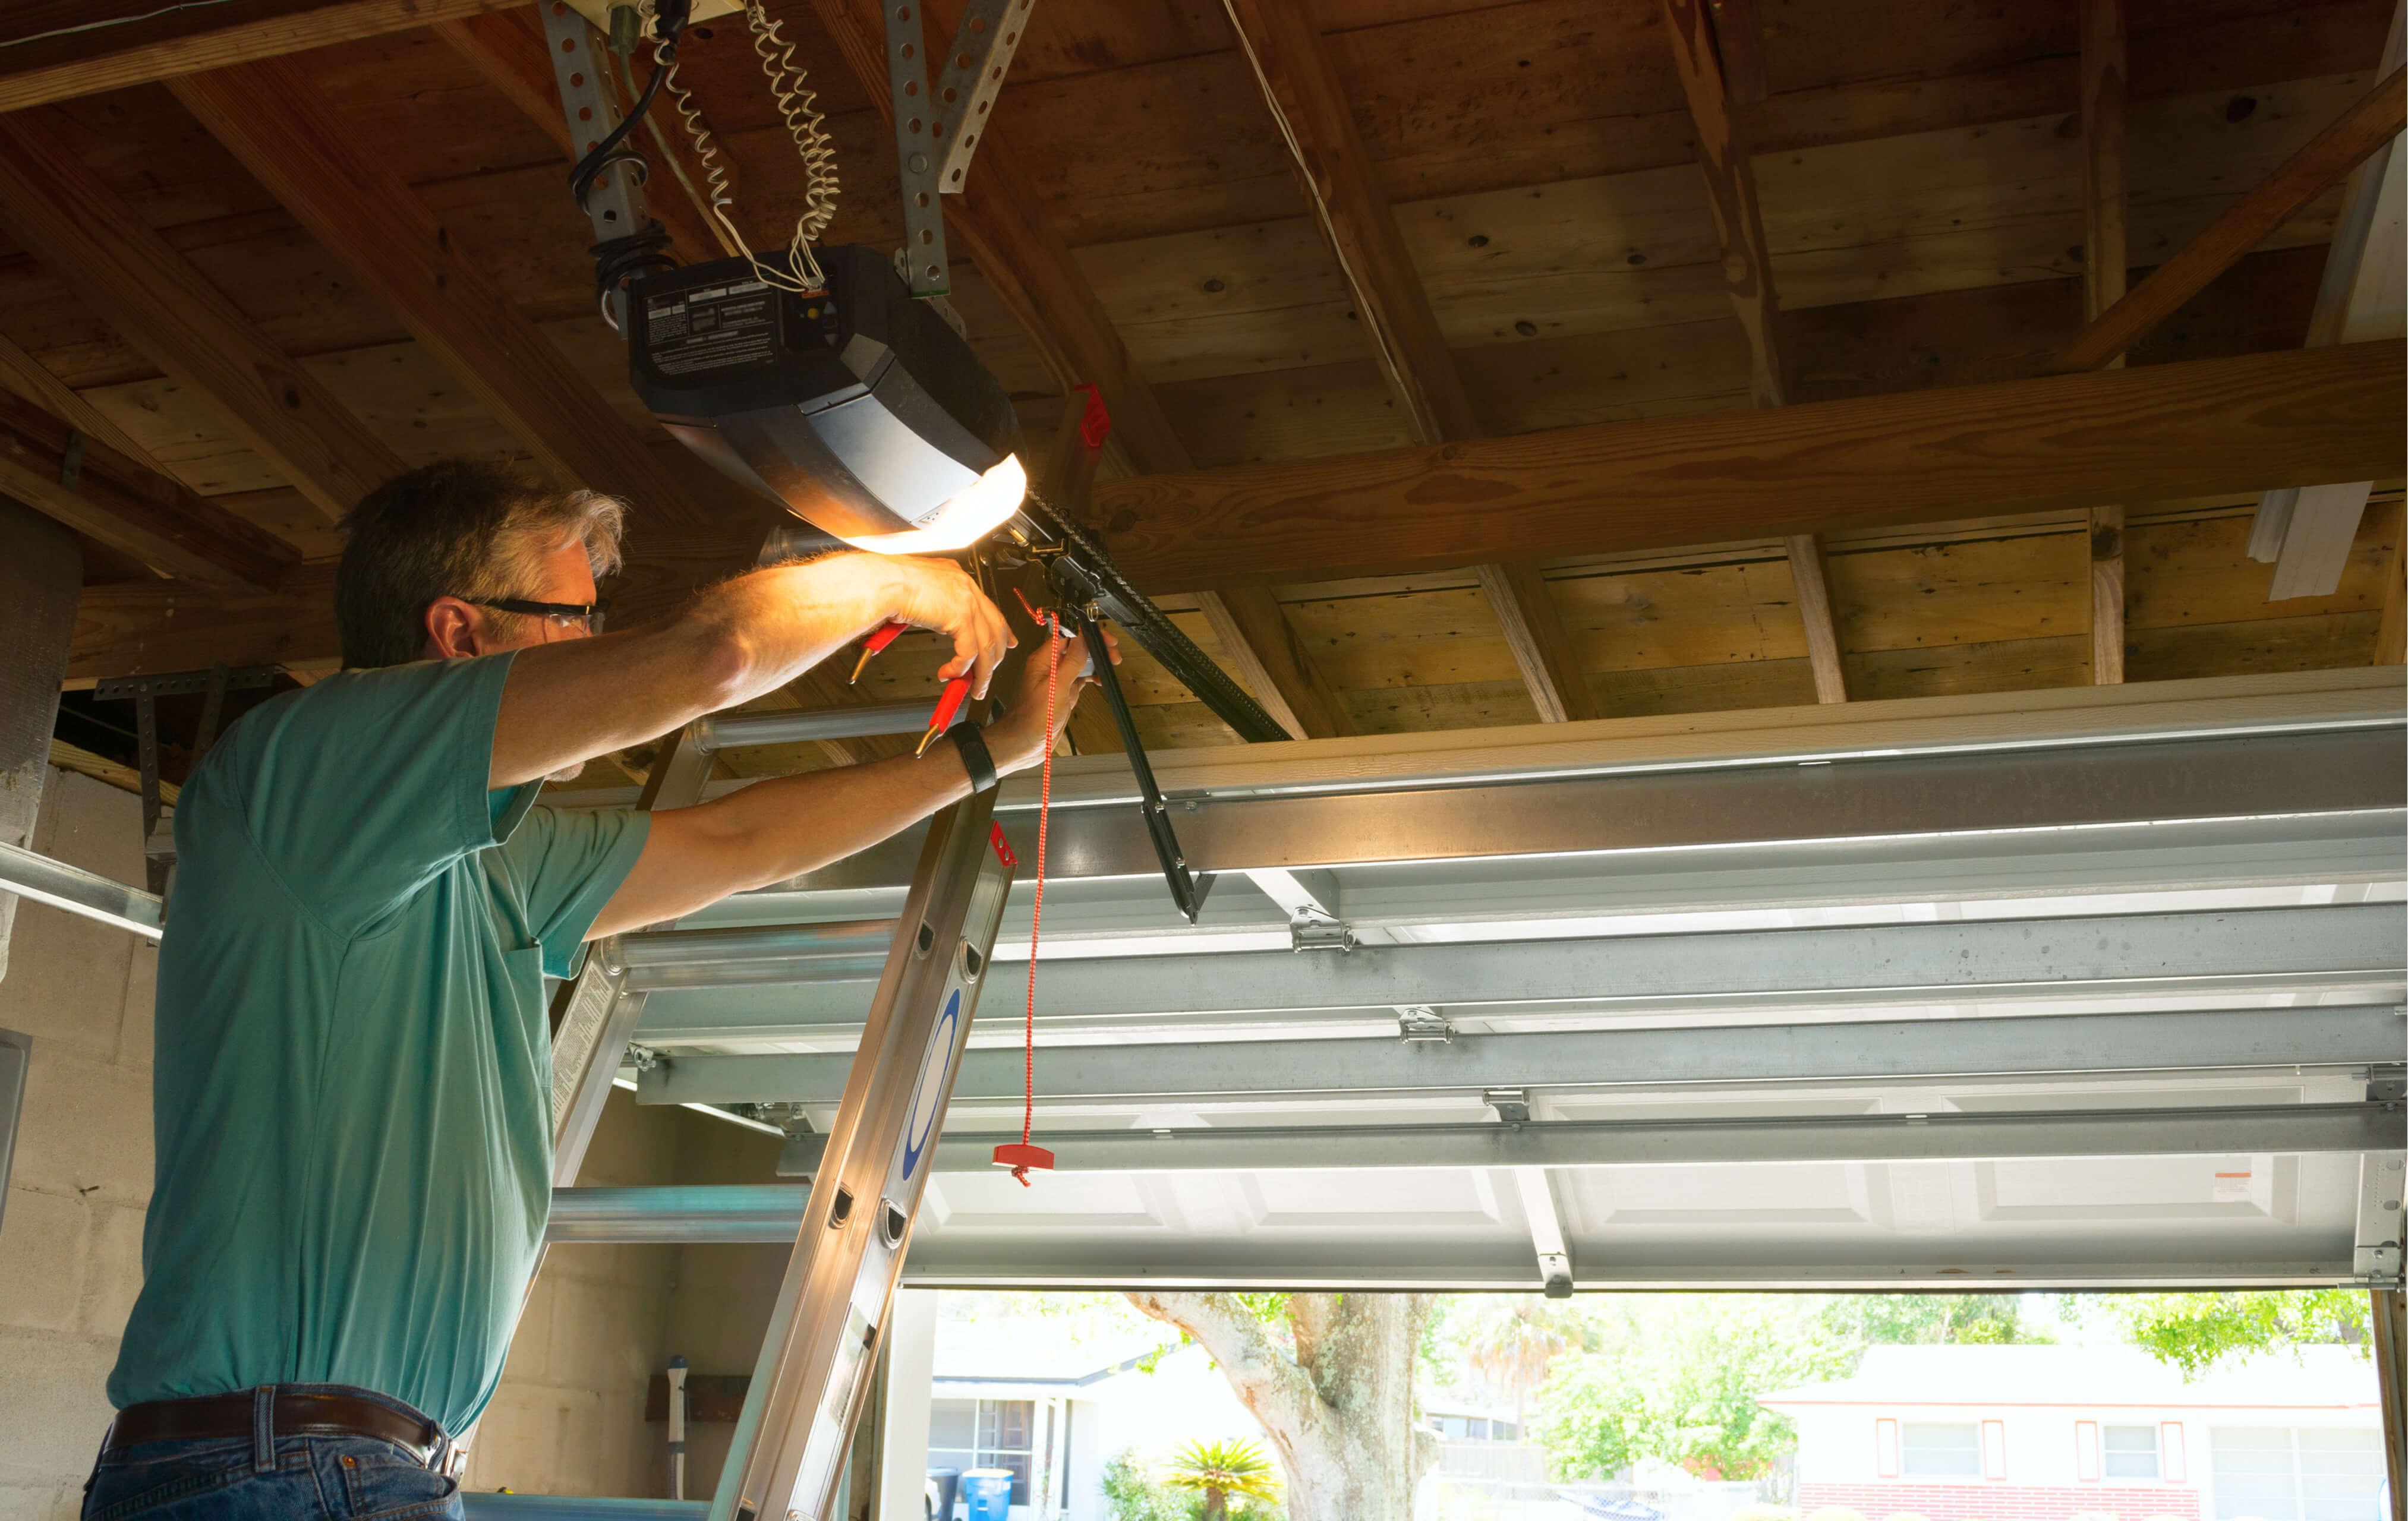 ppi openers fluidelectric menards chattanooga manhattan and single repair opener door costoors installation garage ks blog